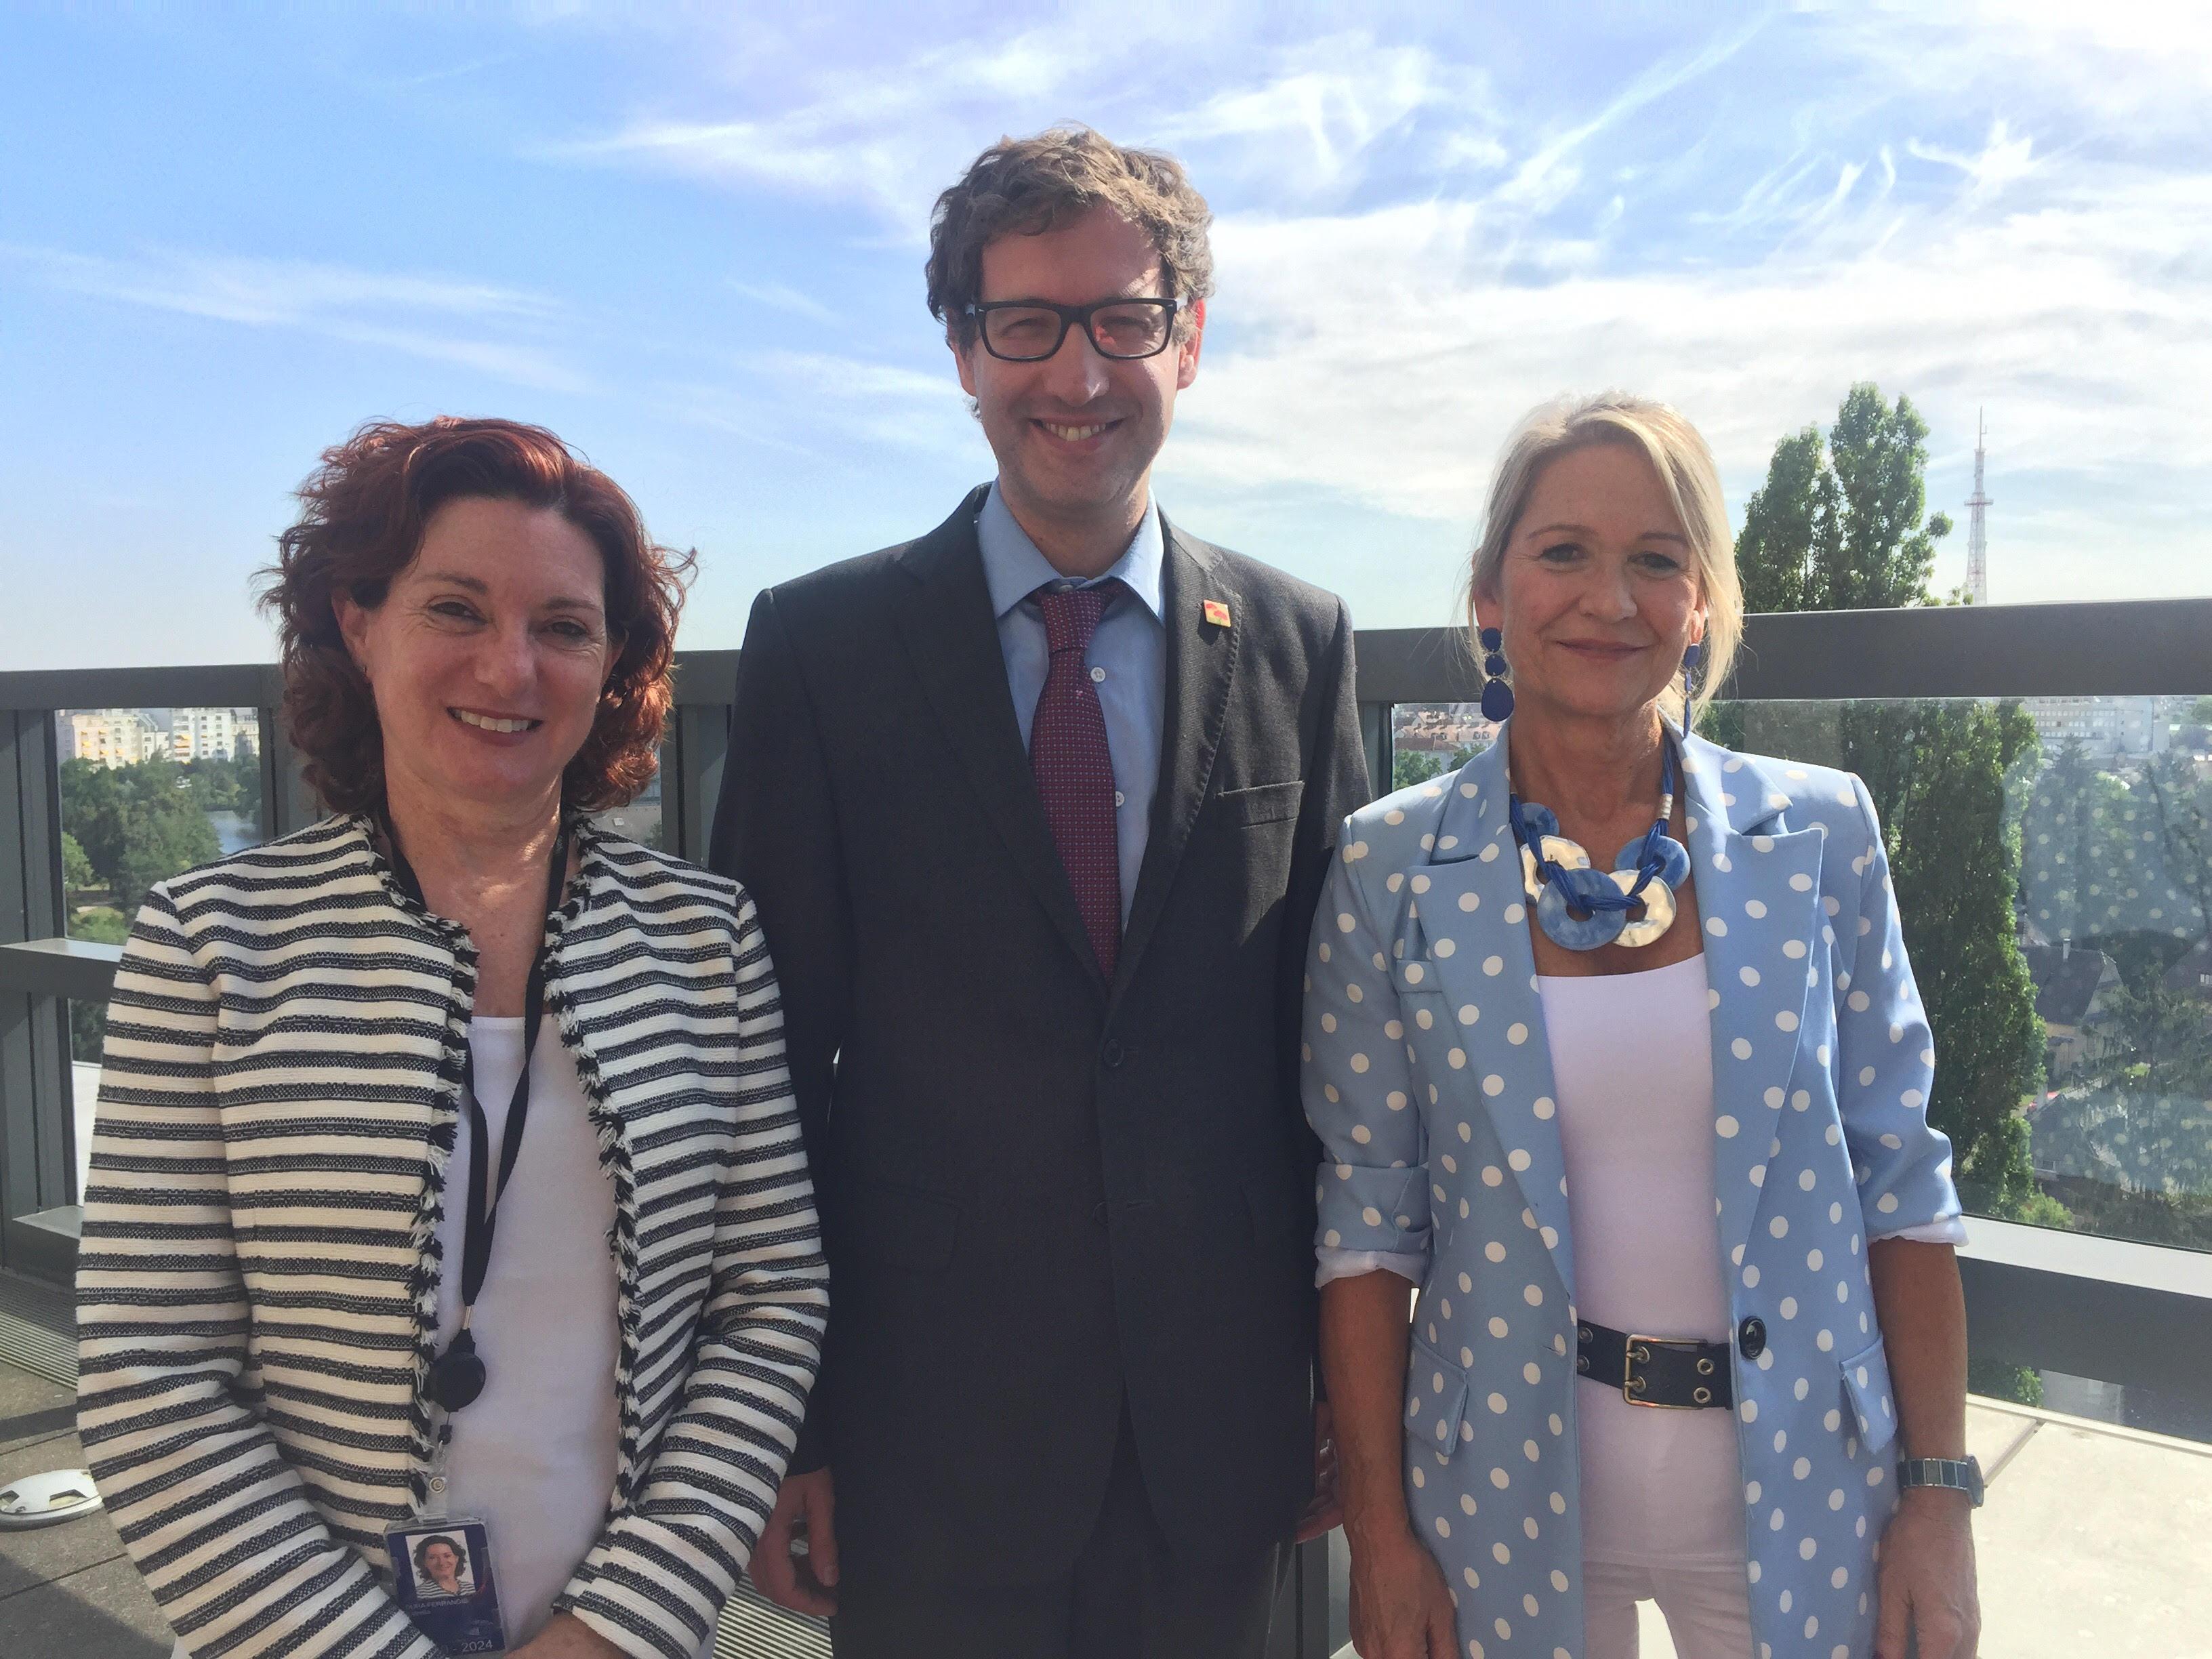 Arranca la IX legislatura en el Parlament Europeu amb tres eurodiputats socialistes valencians